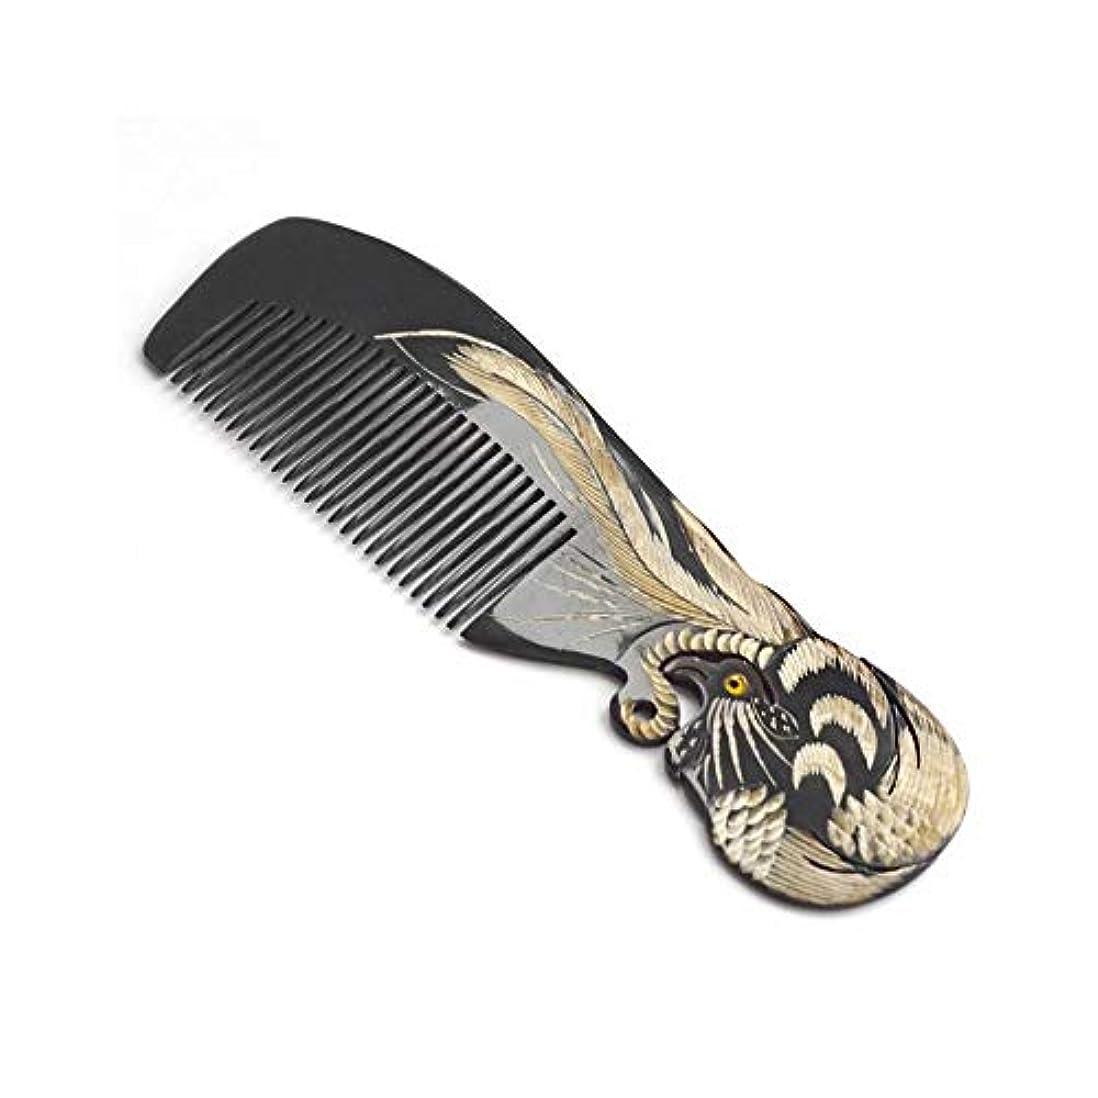 スリラーマージンシアーZYDP 黒髪の櫛の反静的な木の良い歯の櫛 - 天然水牛の角の櫛の孔雀のデザイン (色 : 099B)